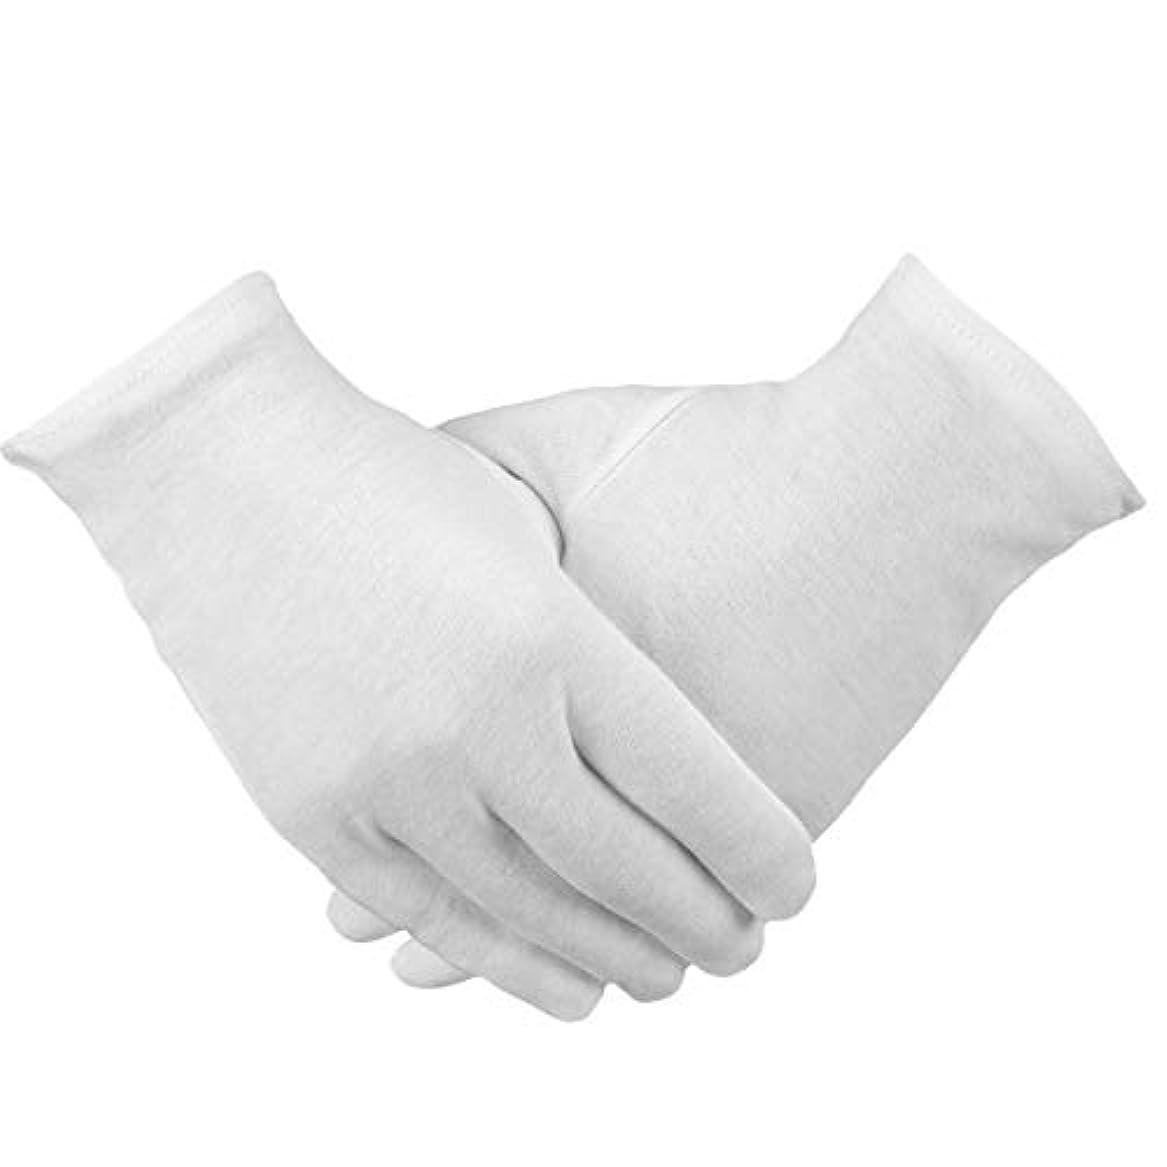 データム節約類推PAMASE 12ペア 手荒れ対策 コットン手袋 綿手袋 純綿 ハンドケア 白手袋 お休み 乾燥肌用 保湿用 家事用 礼装用 メンズ レディース 手袋